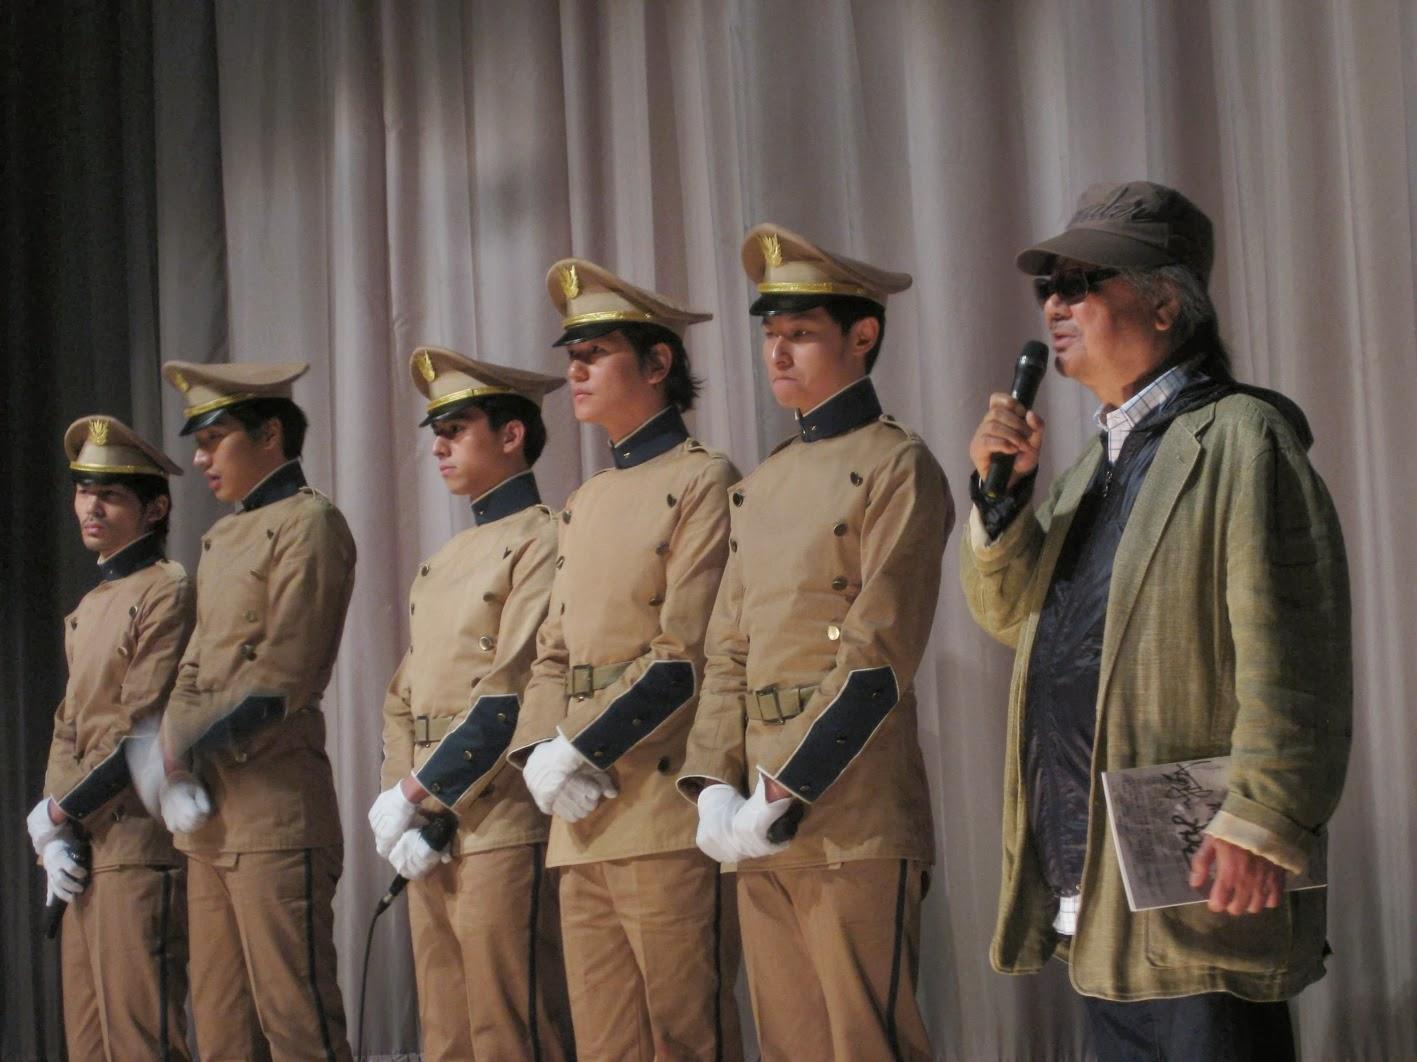 三島 由紀夫 制服